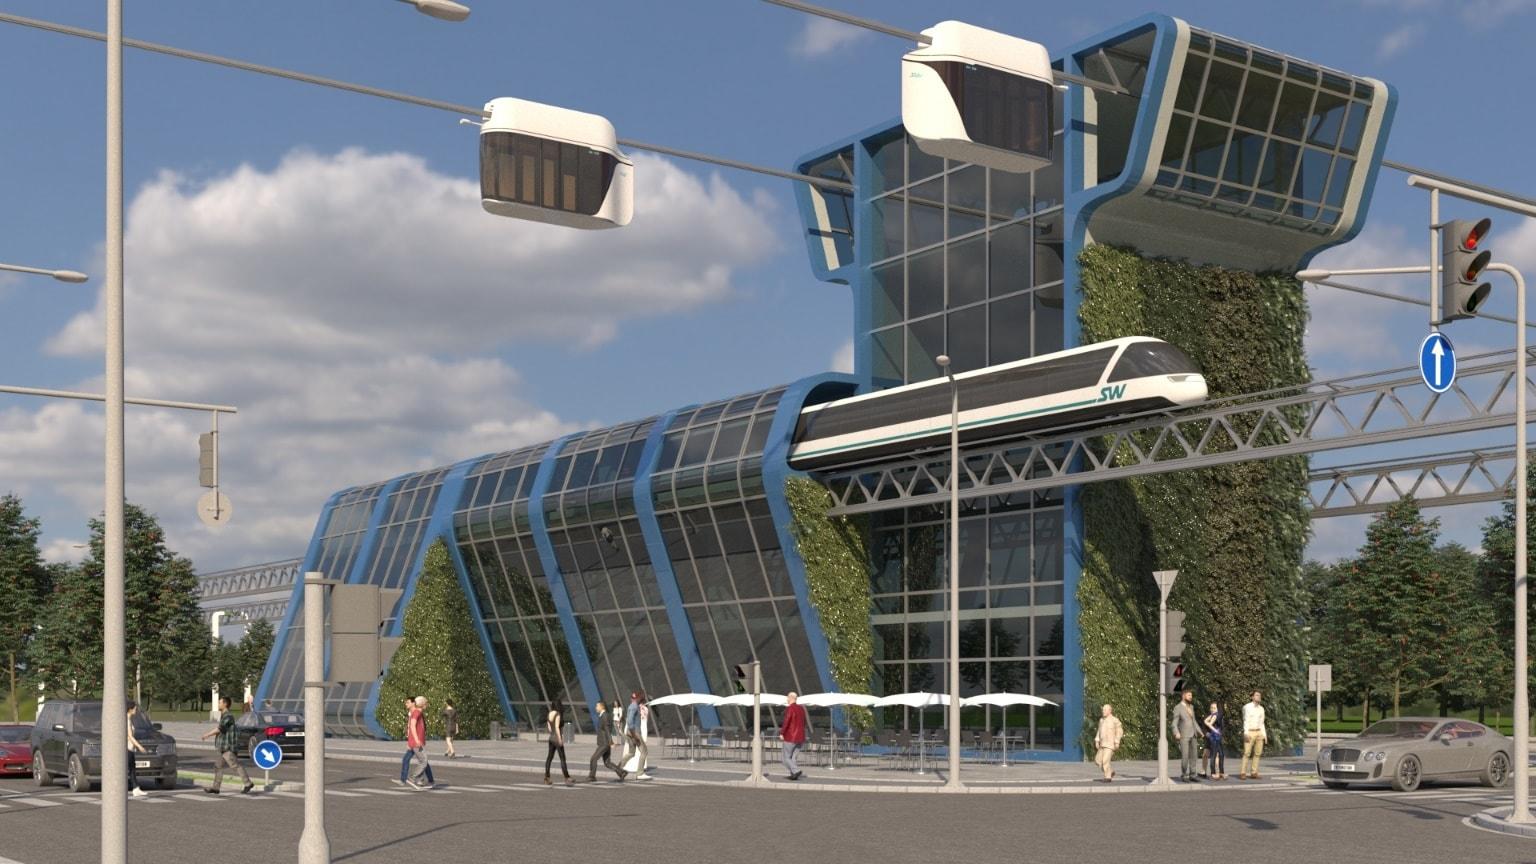 Рис. 10. Станция пересадки с городской на высокоскоростную линию SkyWay